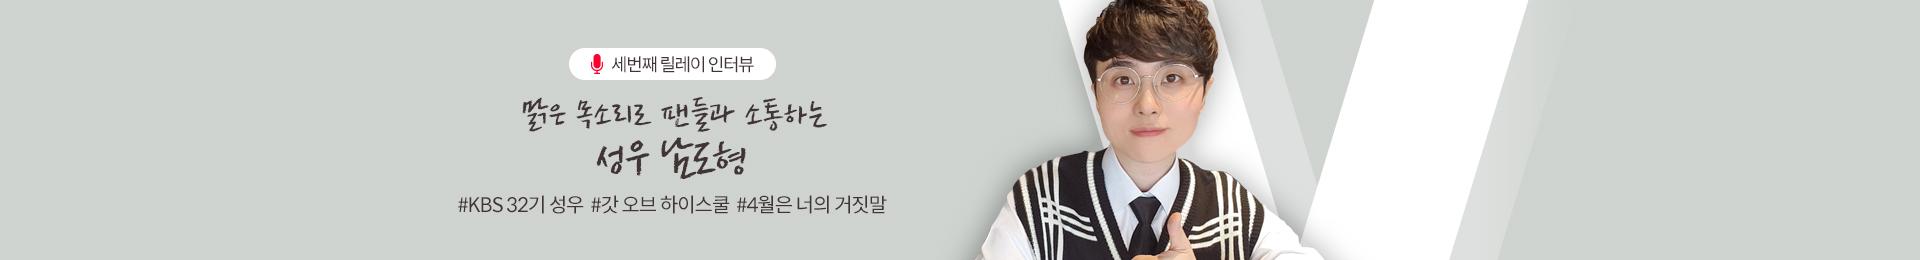 세번째 릴레이인터뷰 성우 남도형